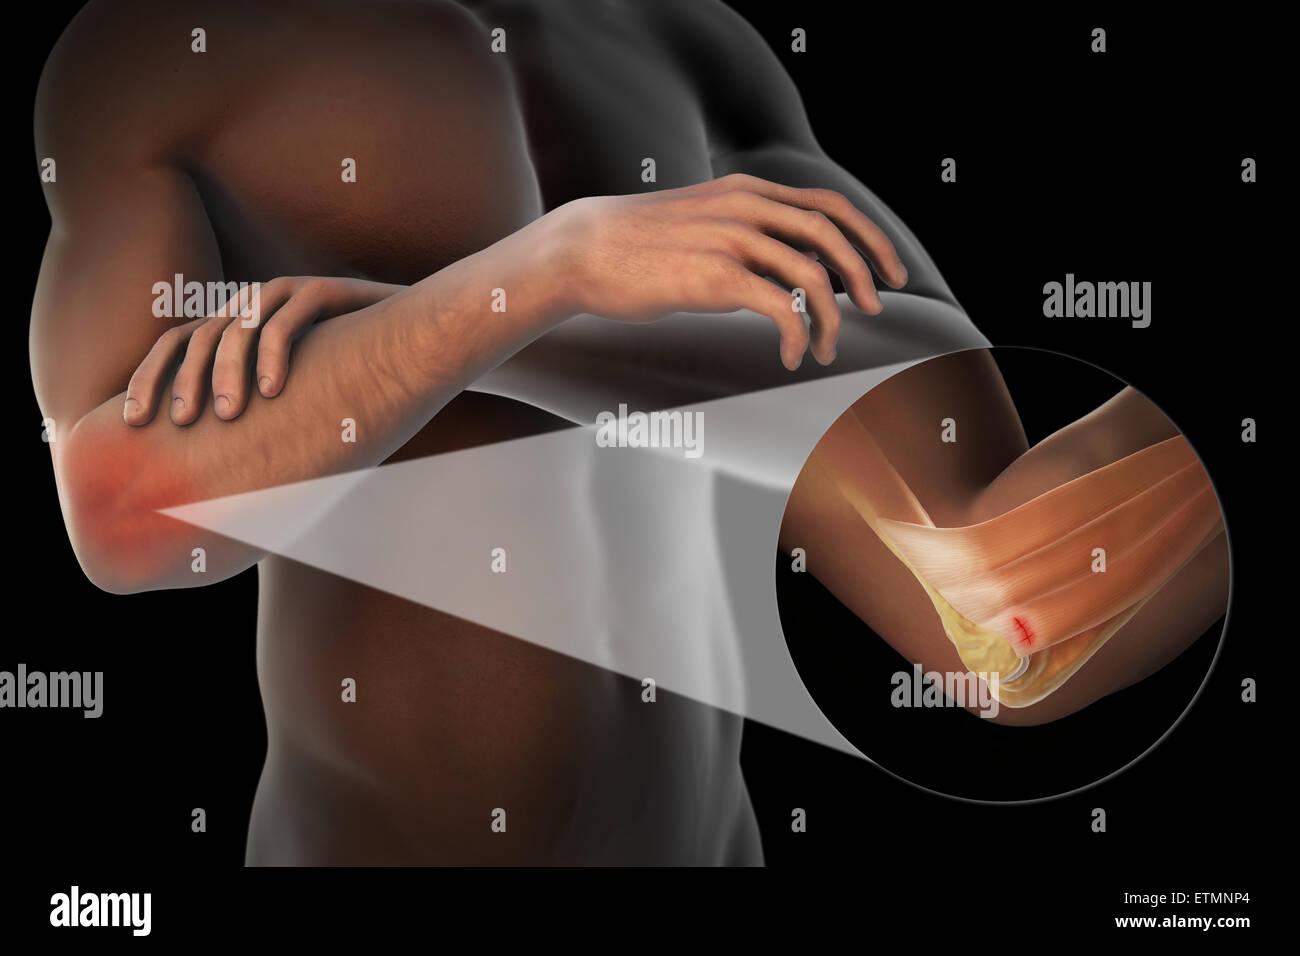 Illustration du bras avec peau transparente pour montrer un dommage à l'épicondyle latéral du Photo Stock